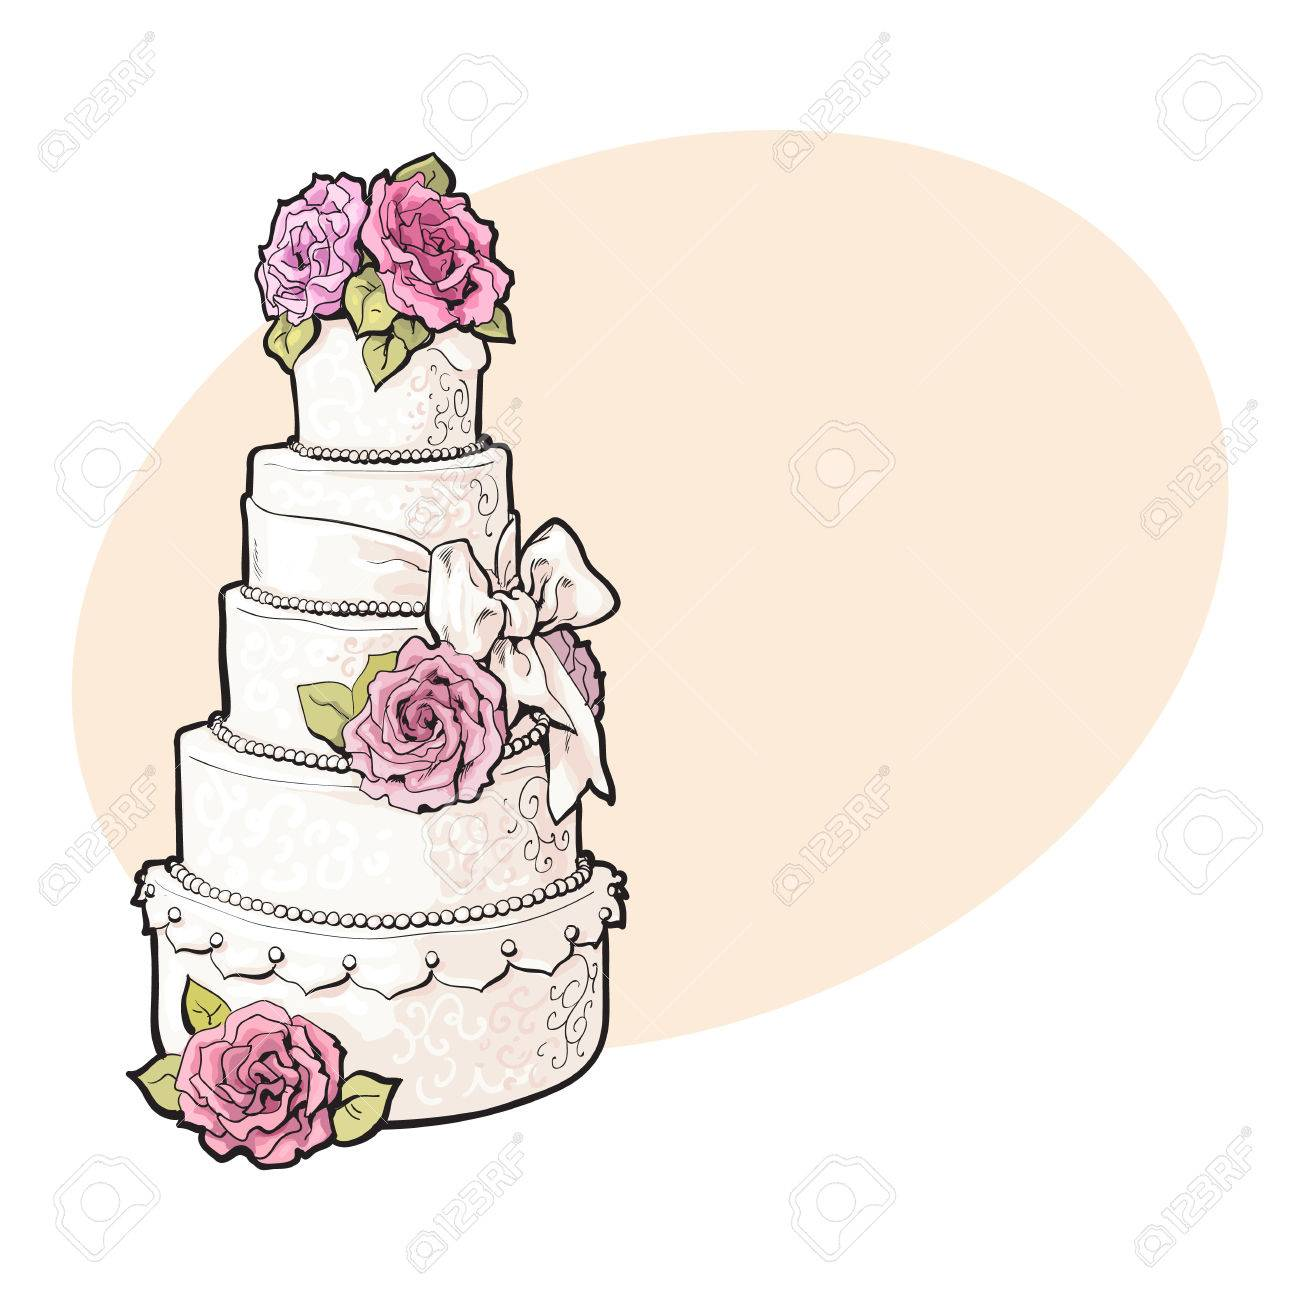 Blanc Traditionnel étagée Gâteau De Mariage Décoré Avec Des Roses Massepain Rose Croquis Illustrations De Style Sur Fond Avec Place Pour Le Texte